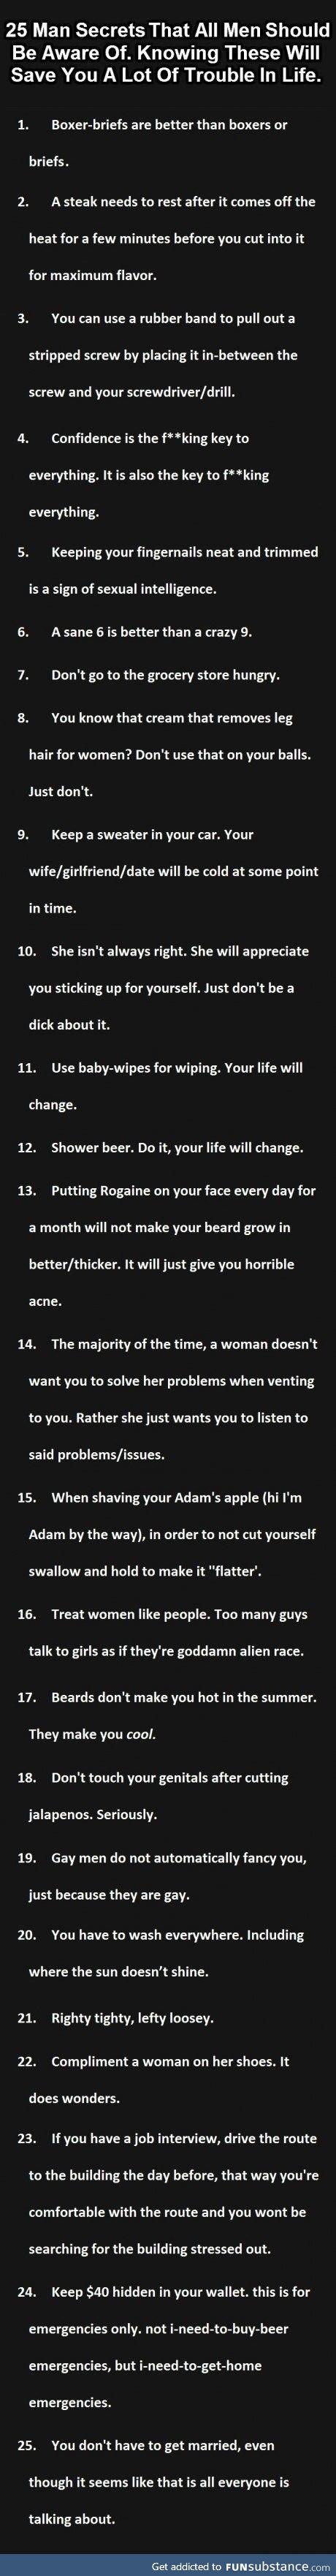 Secrets all men should know